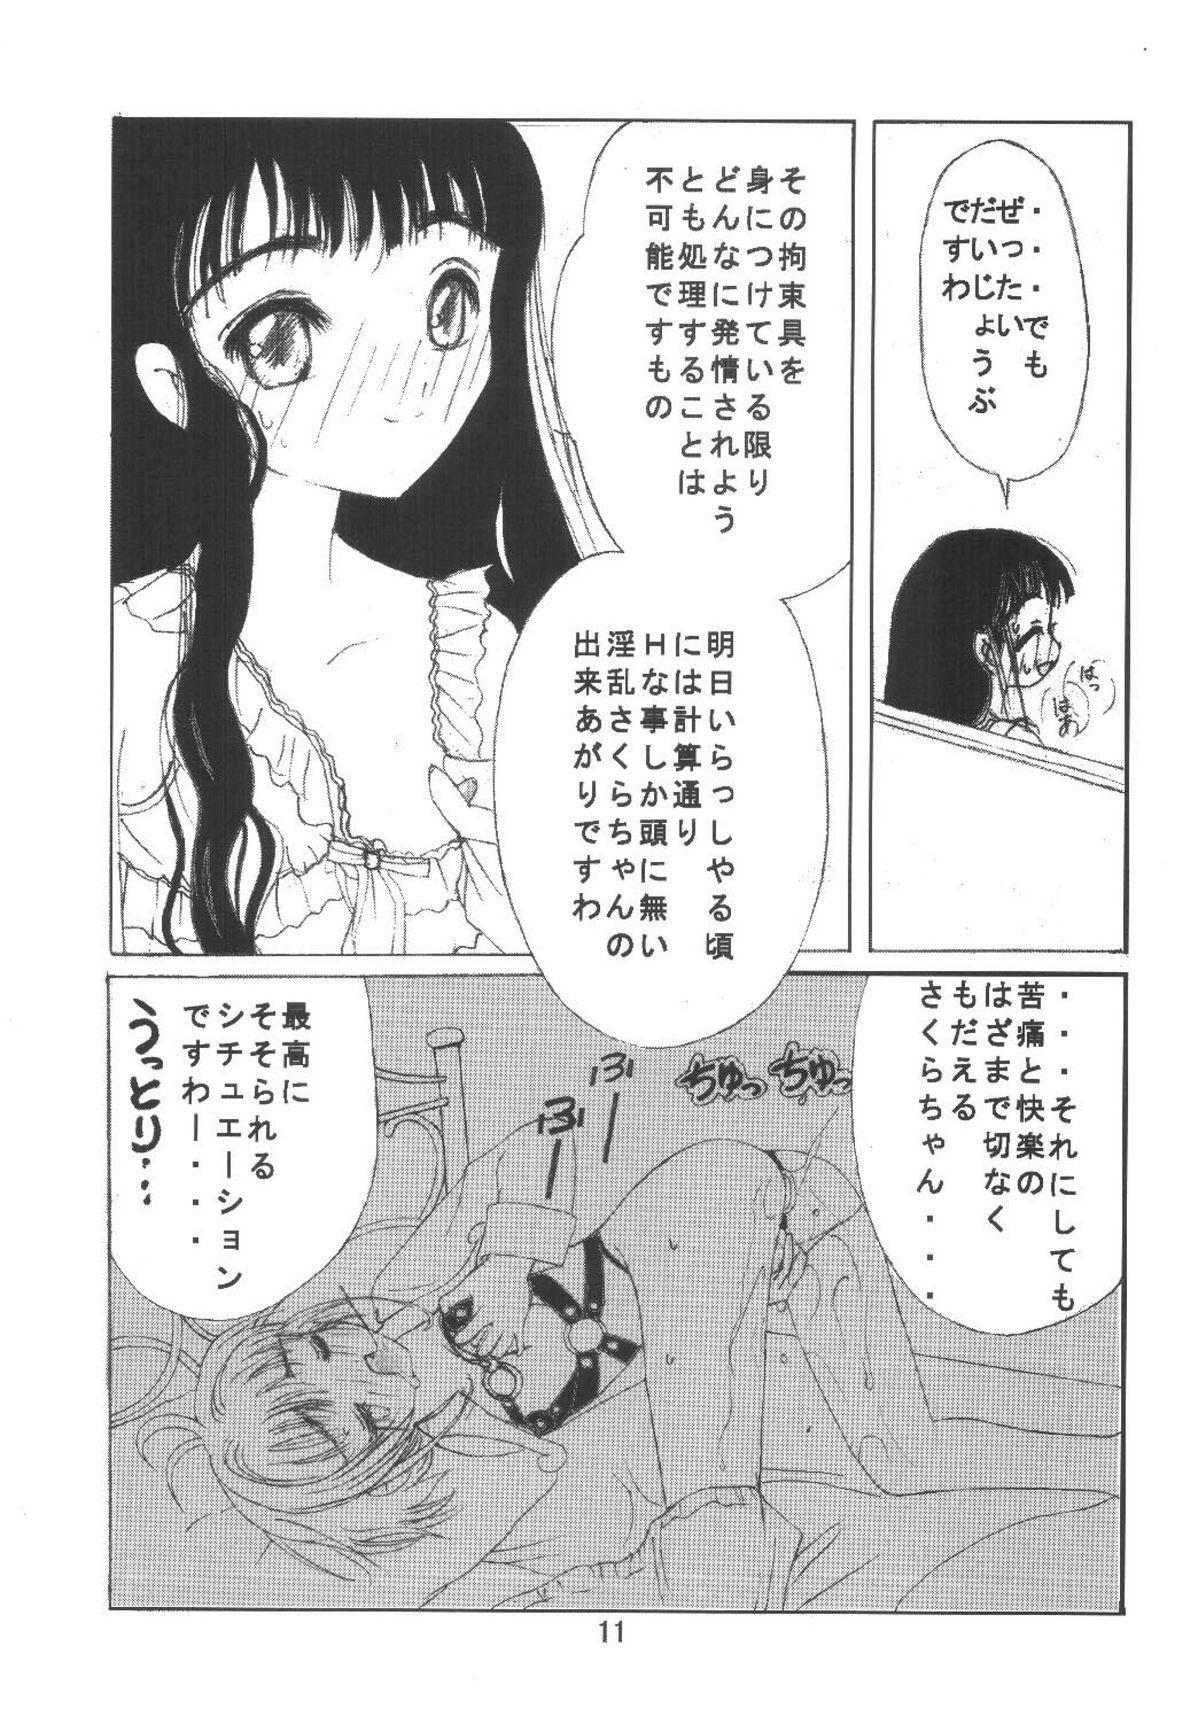 Kuuronziyou 6 Sakura-chan de Asobou 3 10